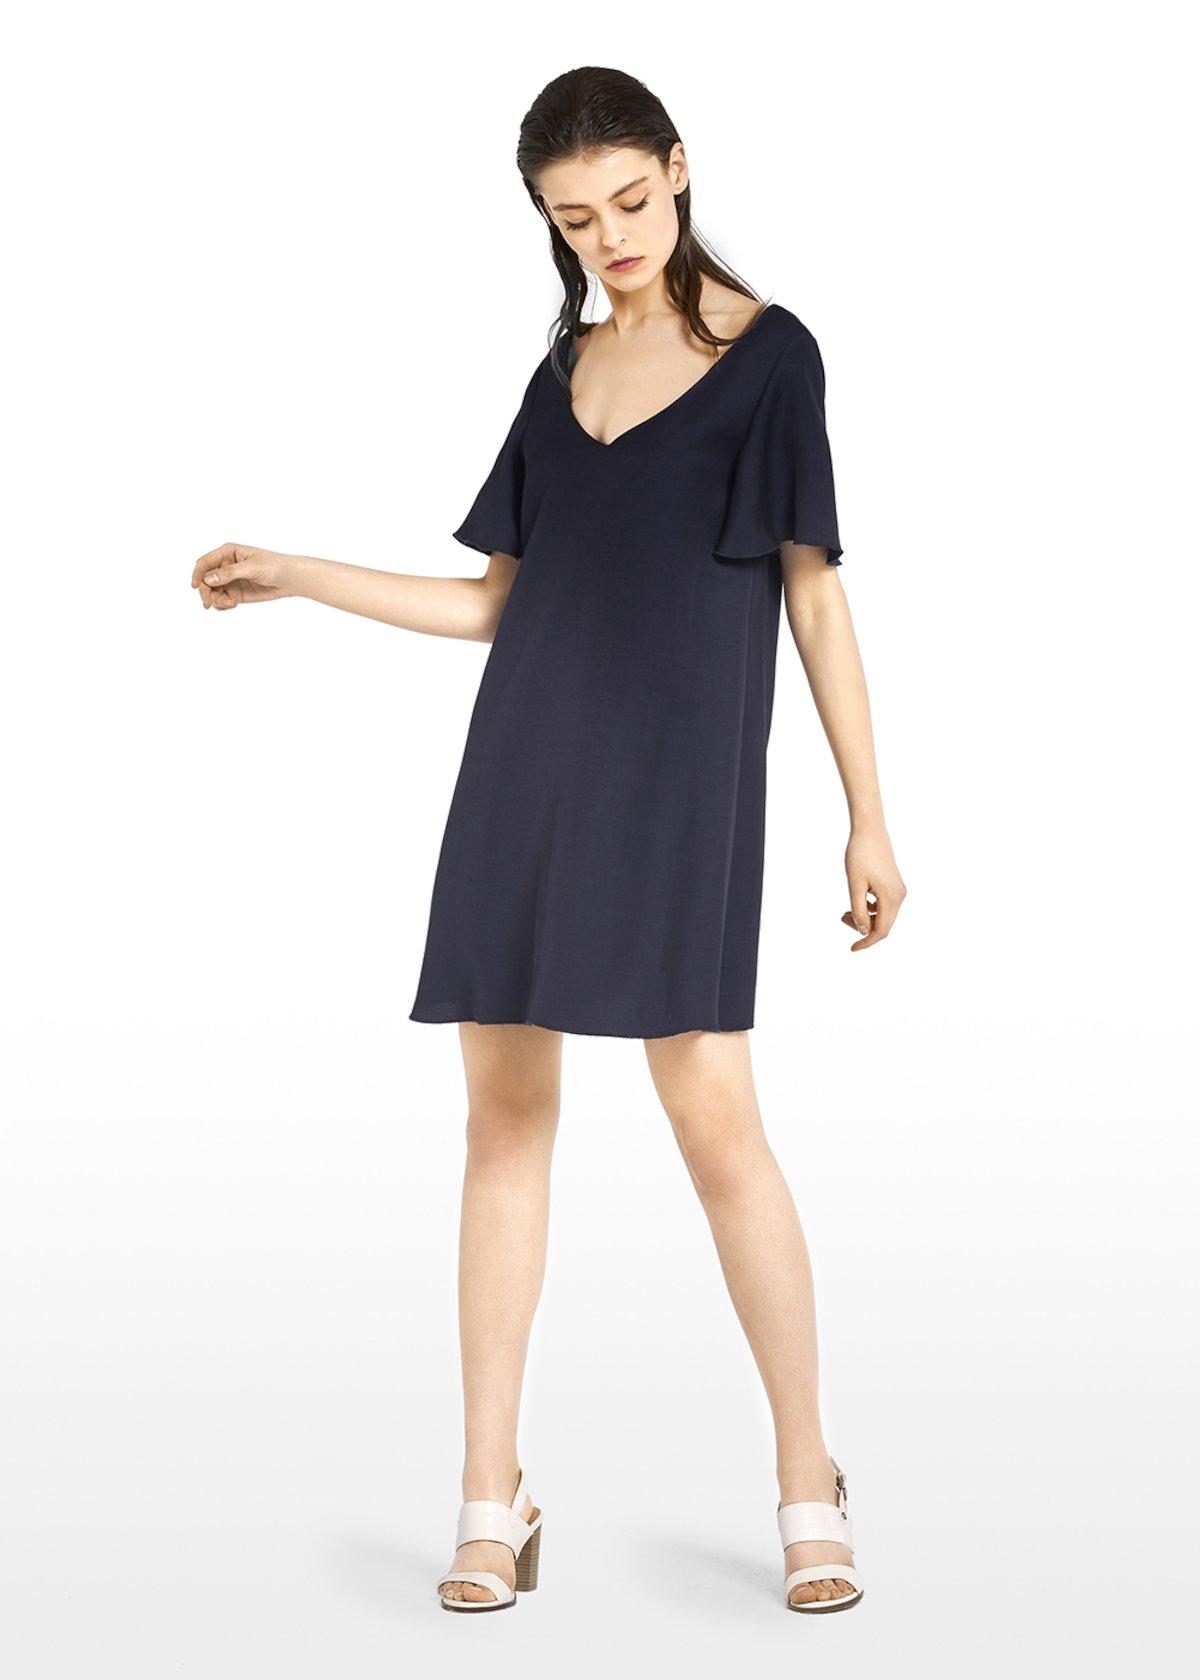 Agadir dress in linen blend with ruffles at the cuffs - Medium Blue - Woman